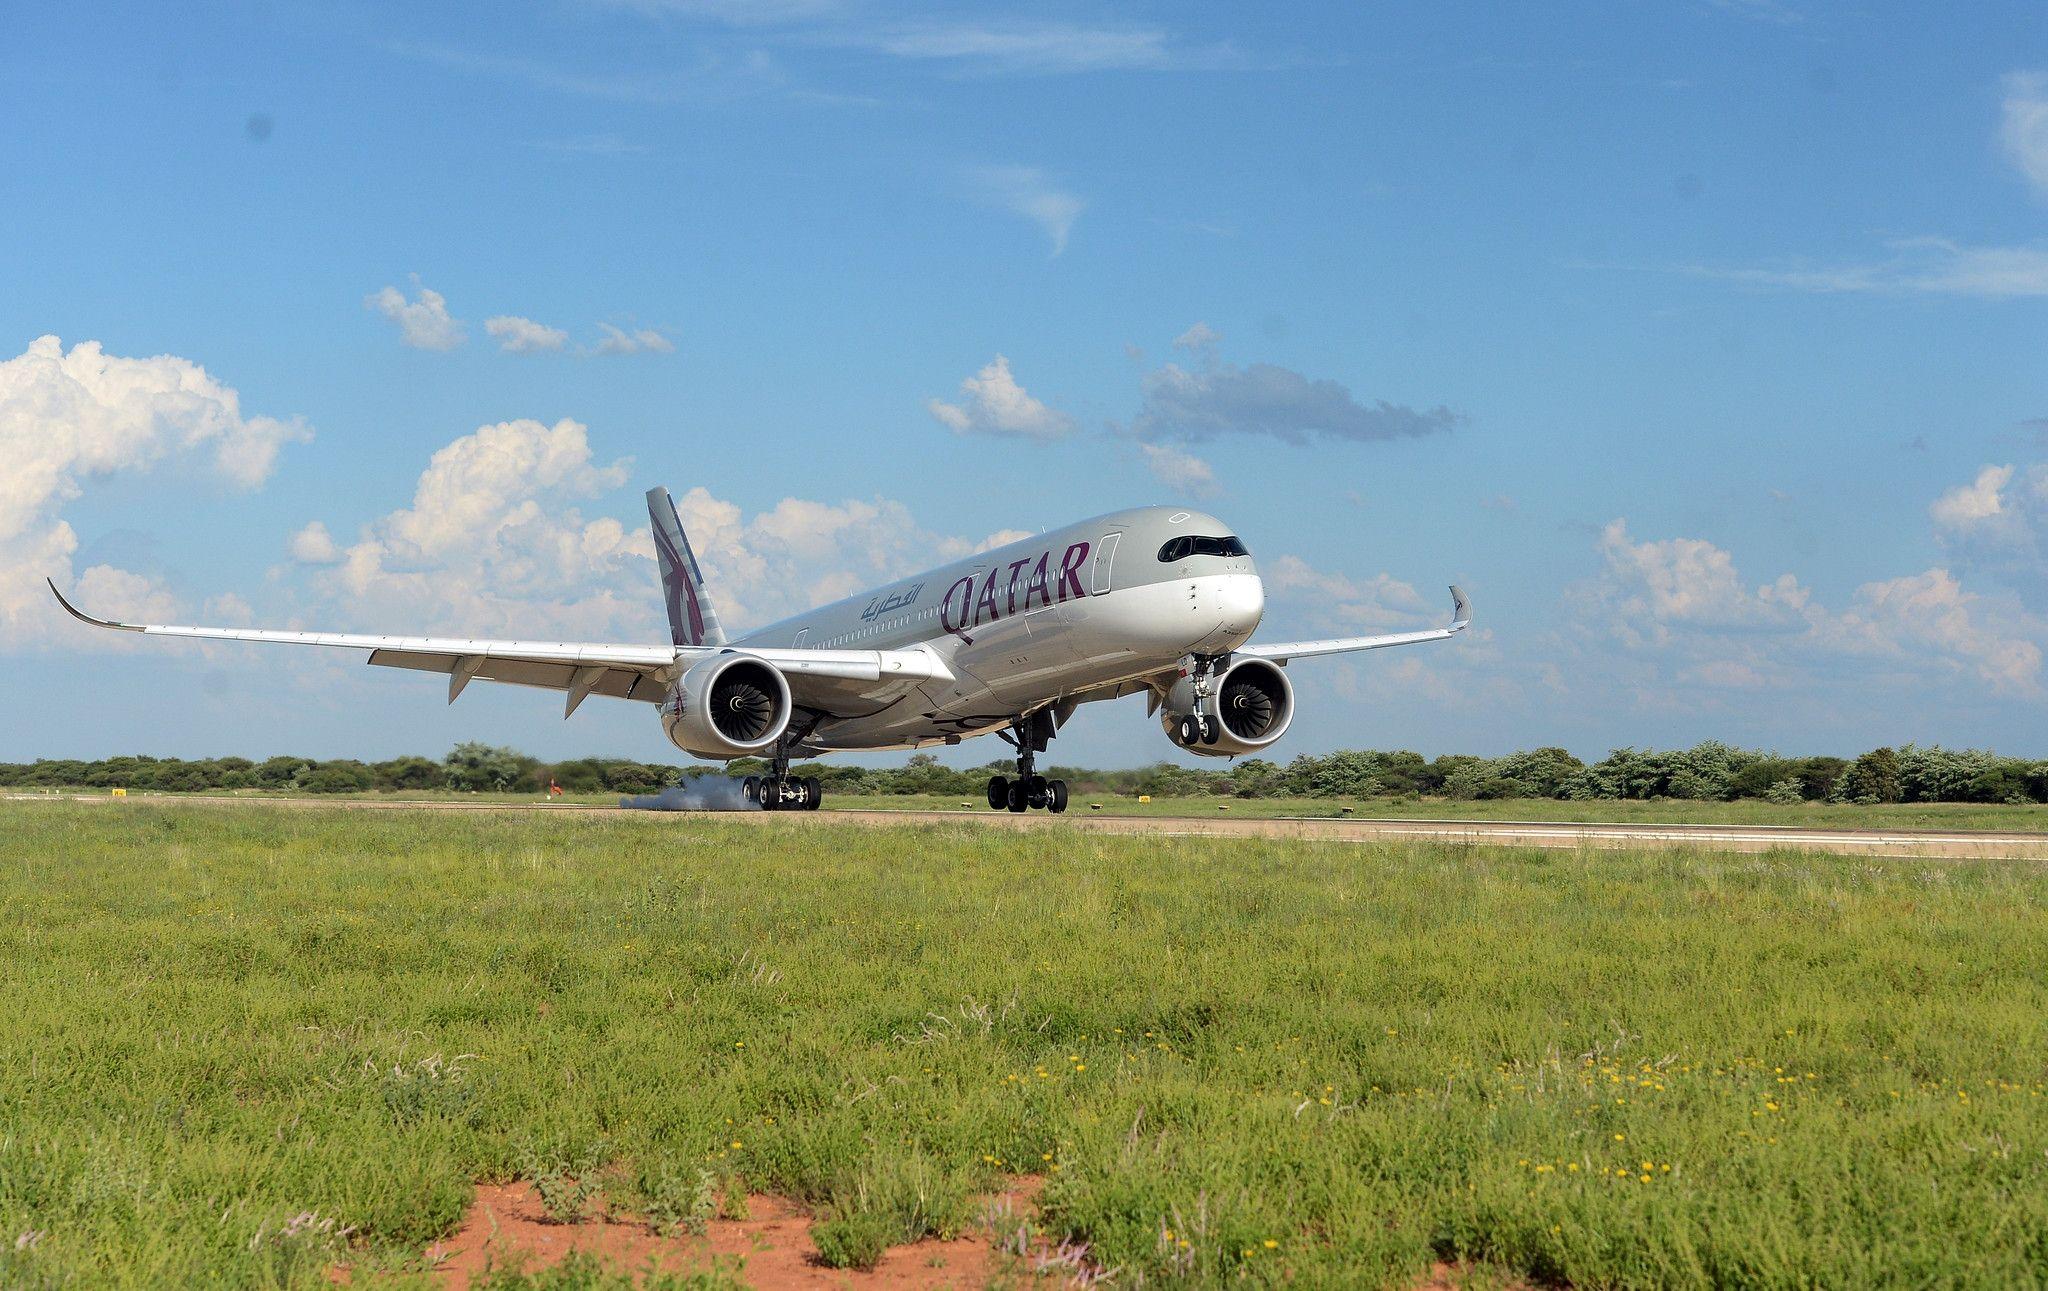 卡塔尔航空成功开通多哈—哈博罗内航线